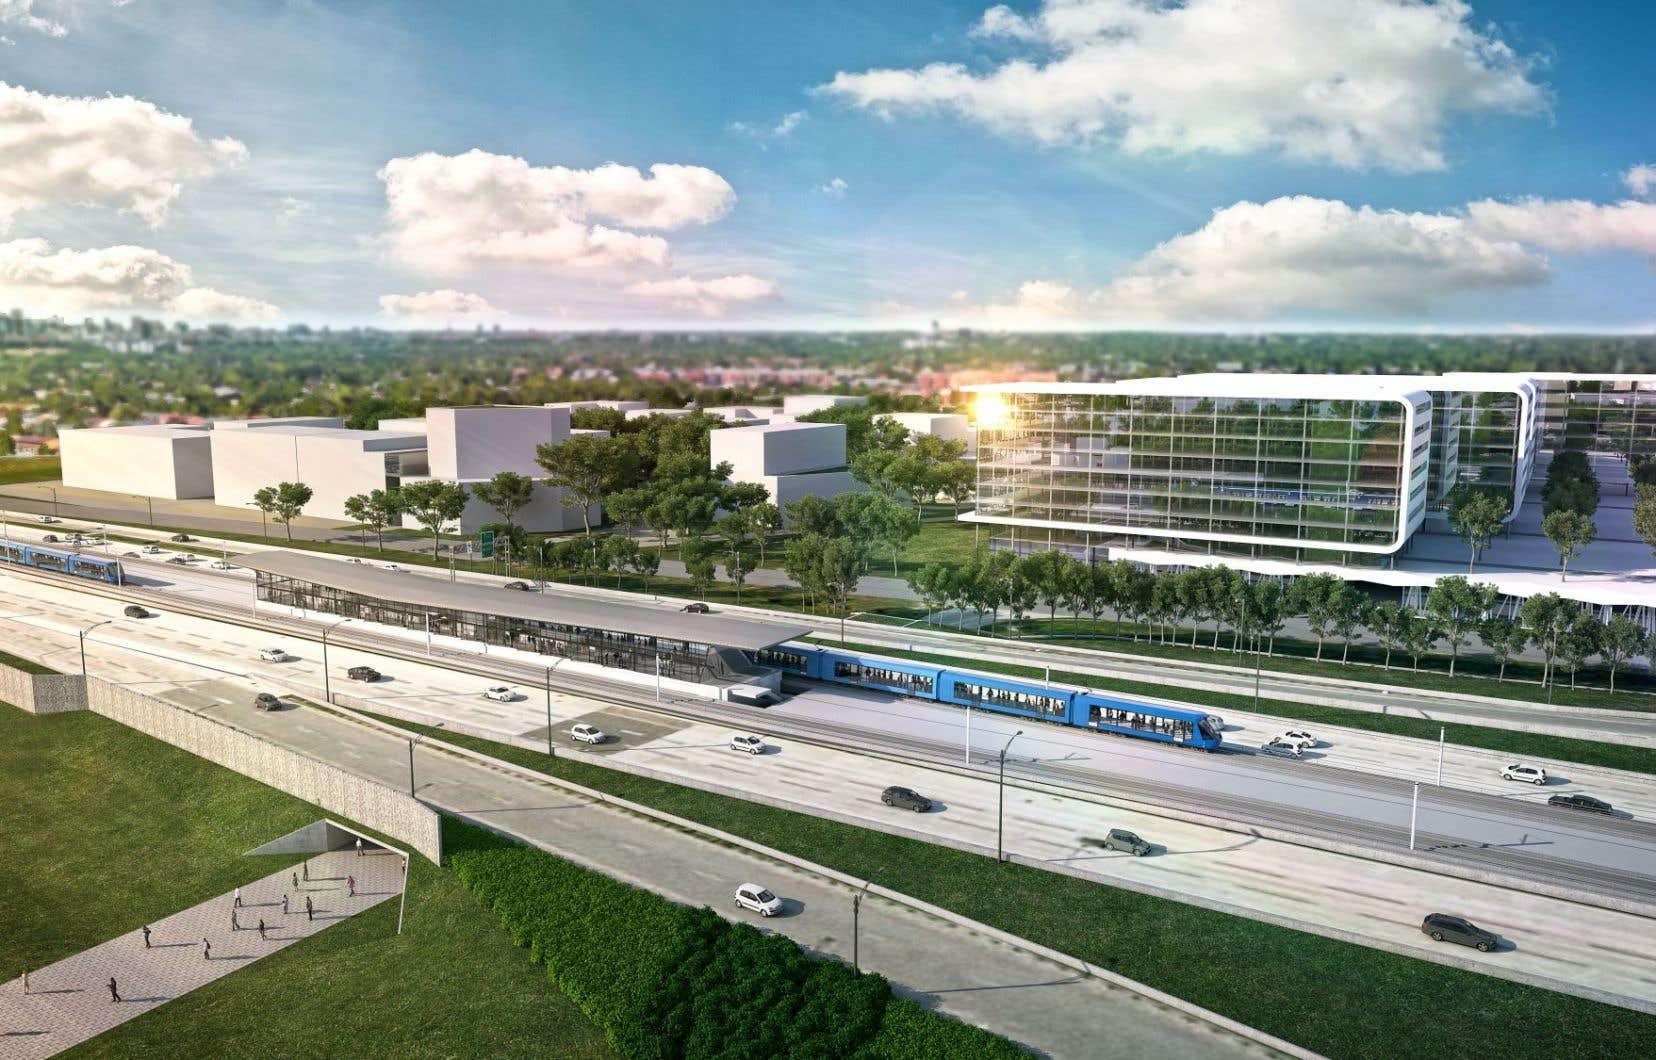 Loin des pôles d'habitation et de service actuels, certaines des nouvelles stations ne seront accessibles que par un service de rabattement ou, encore, en voiture.